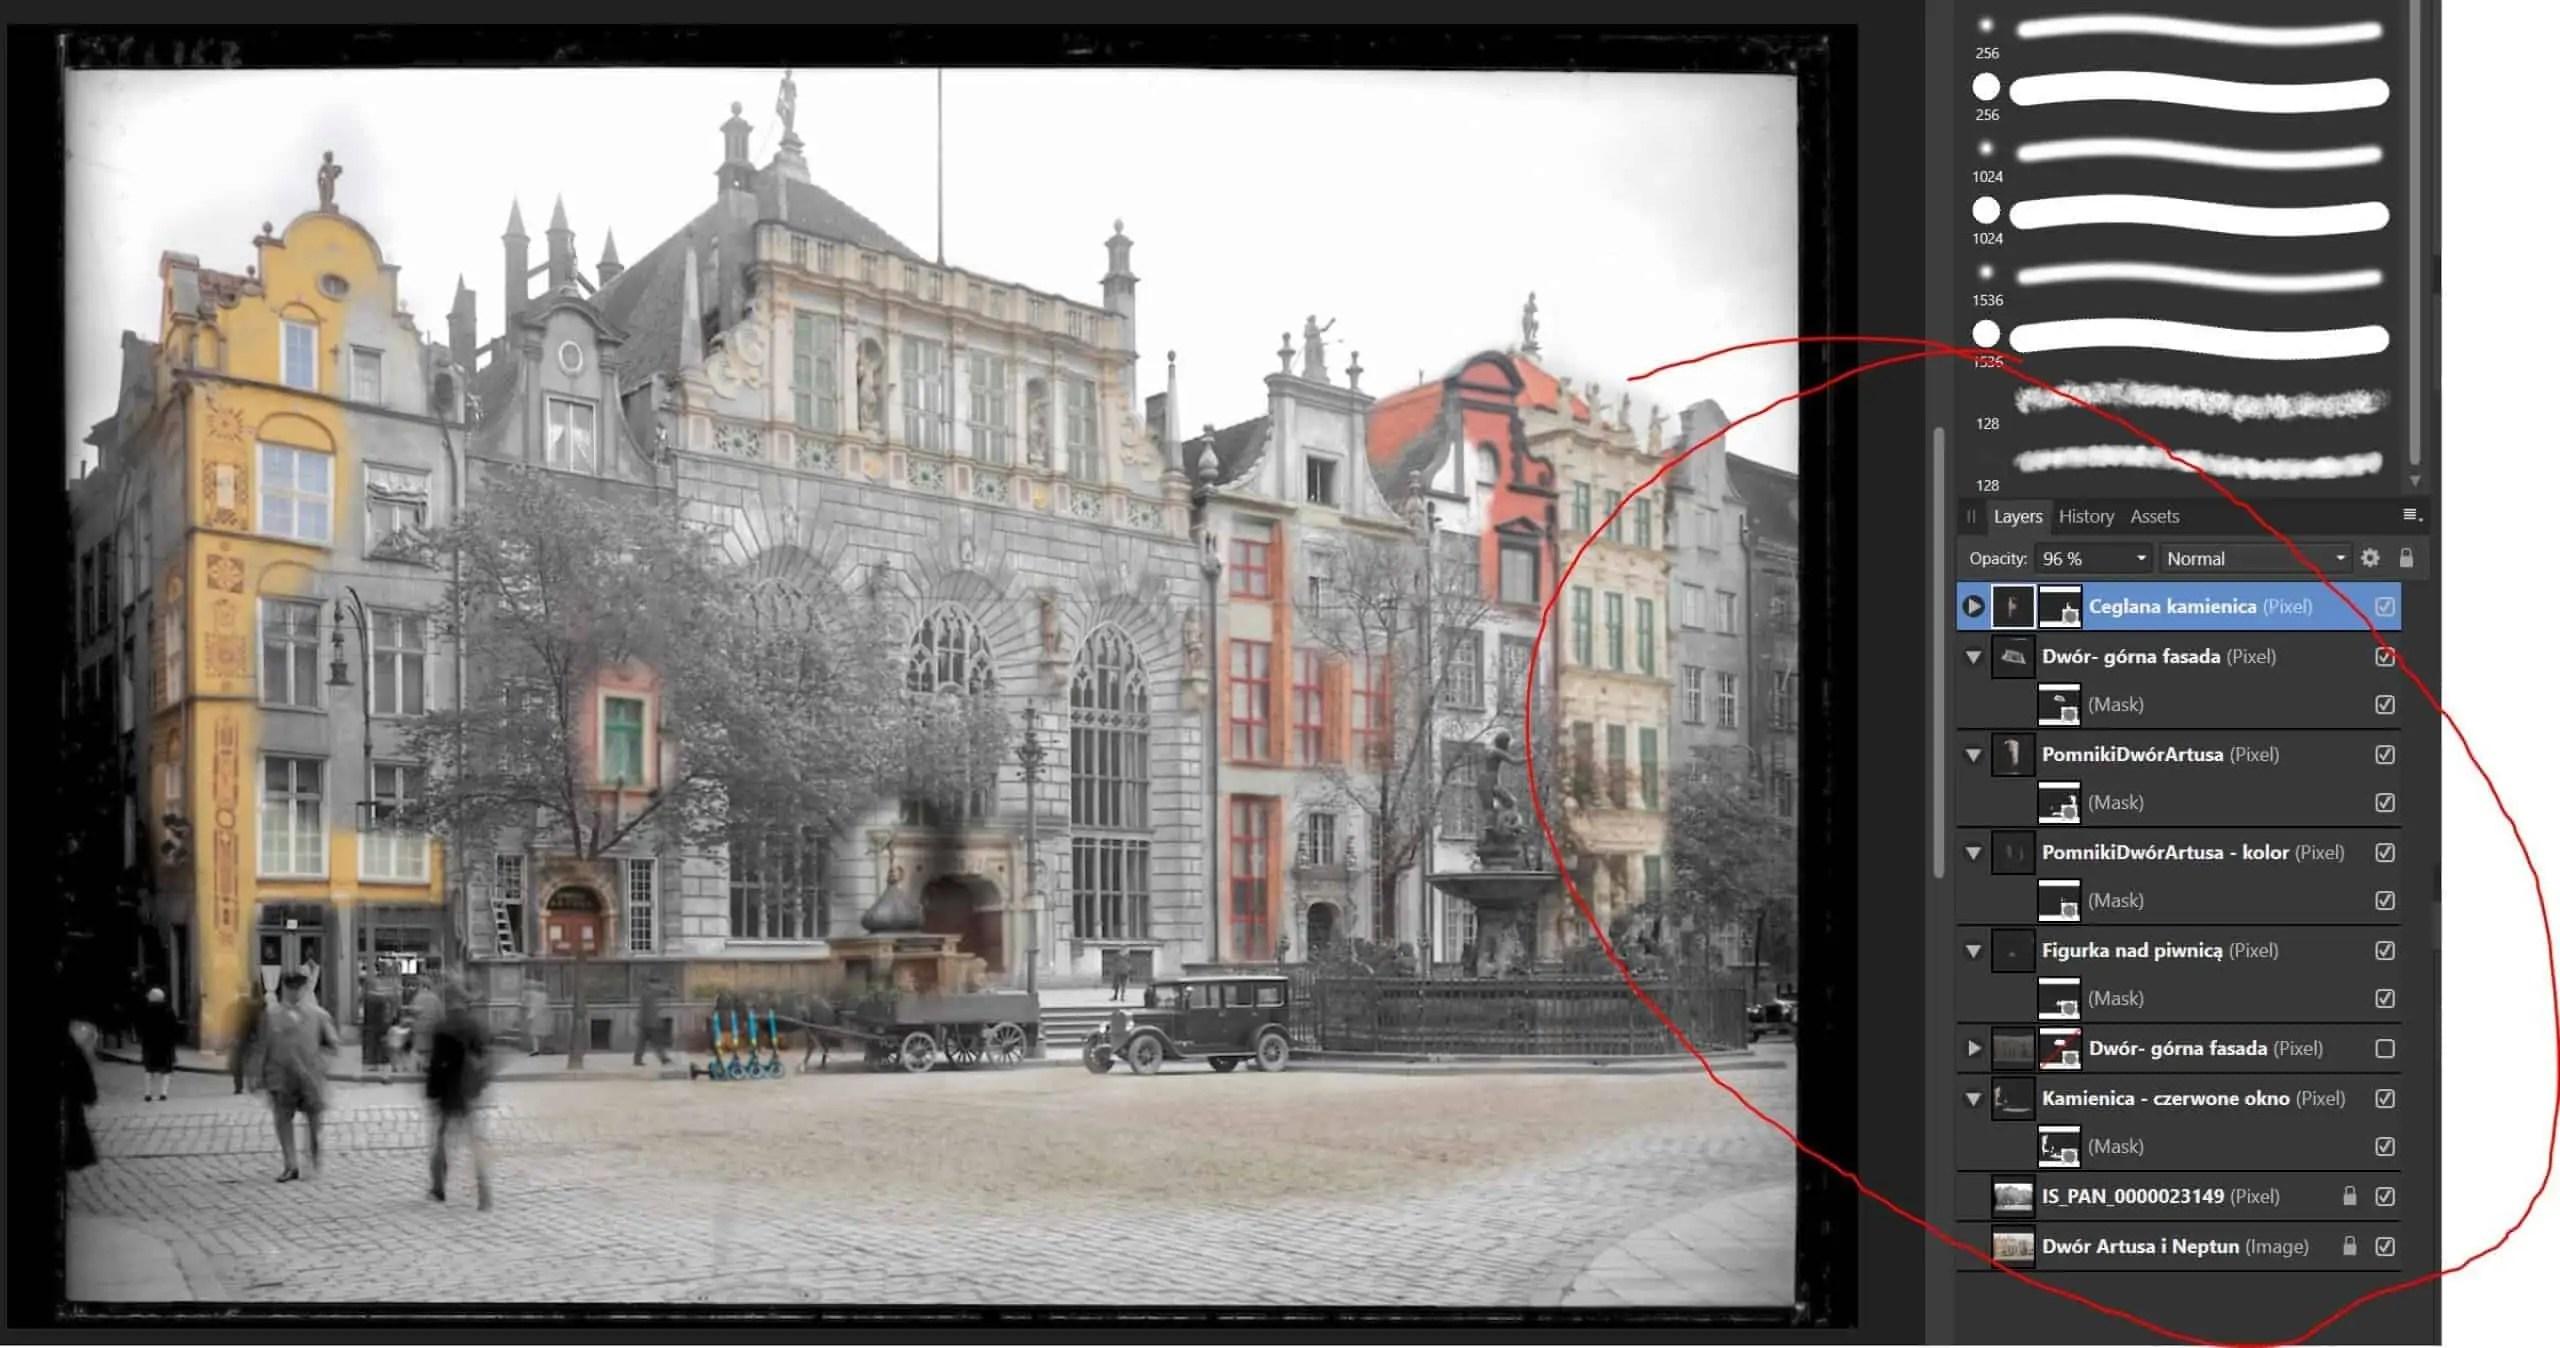 Warstwy poszczegolnych elementow Gdansk kiedys i dzis ulica Dluga Dwor Artusa i Neptun - Zdjęcia starego Gdańska. Kompozycja w 5 prostych krokach !